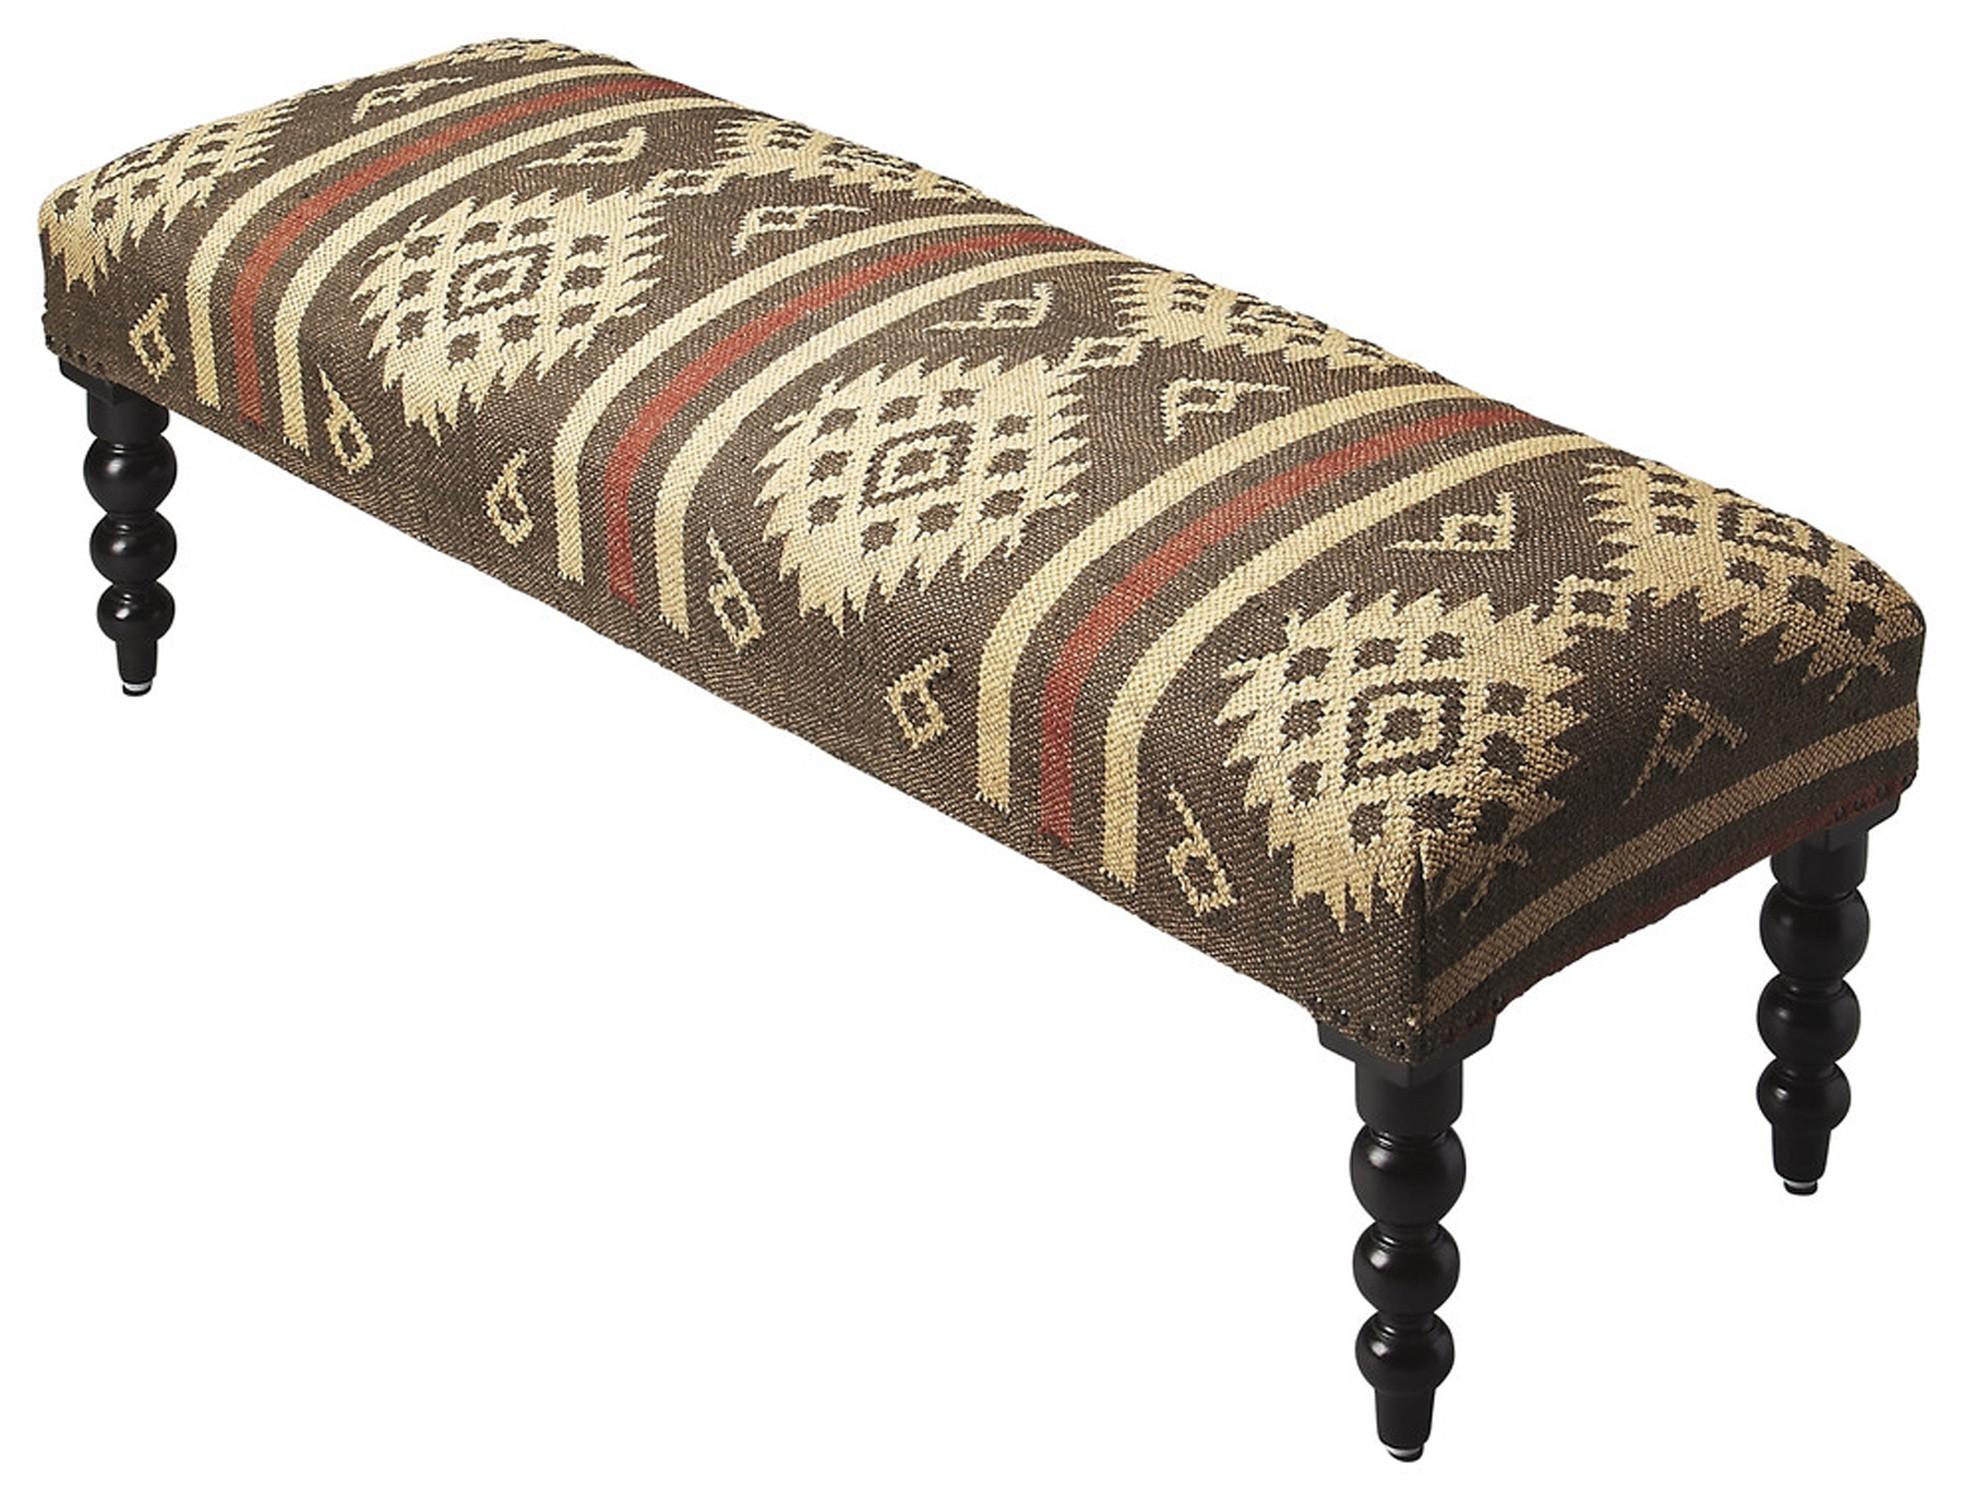 Jute Upholstered Bench